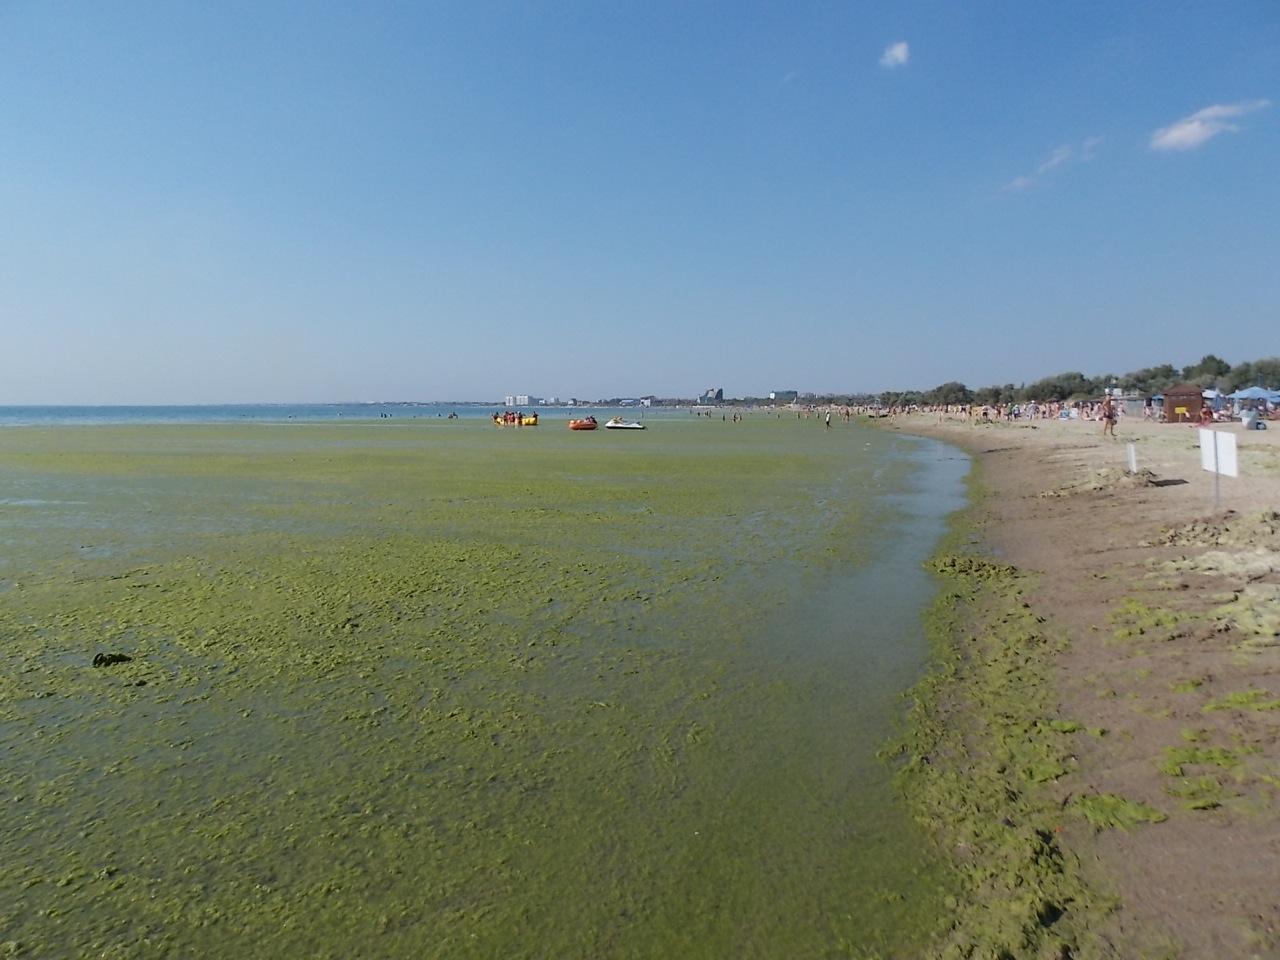 Начальник Роспотребнадзора считает, что море в Анапе в порядке и из-за него никто не болеет